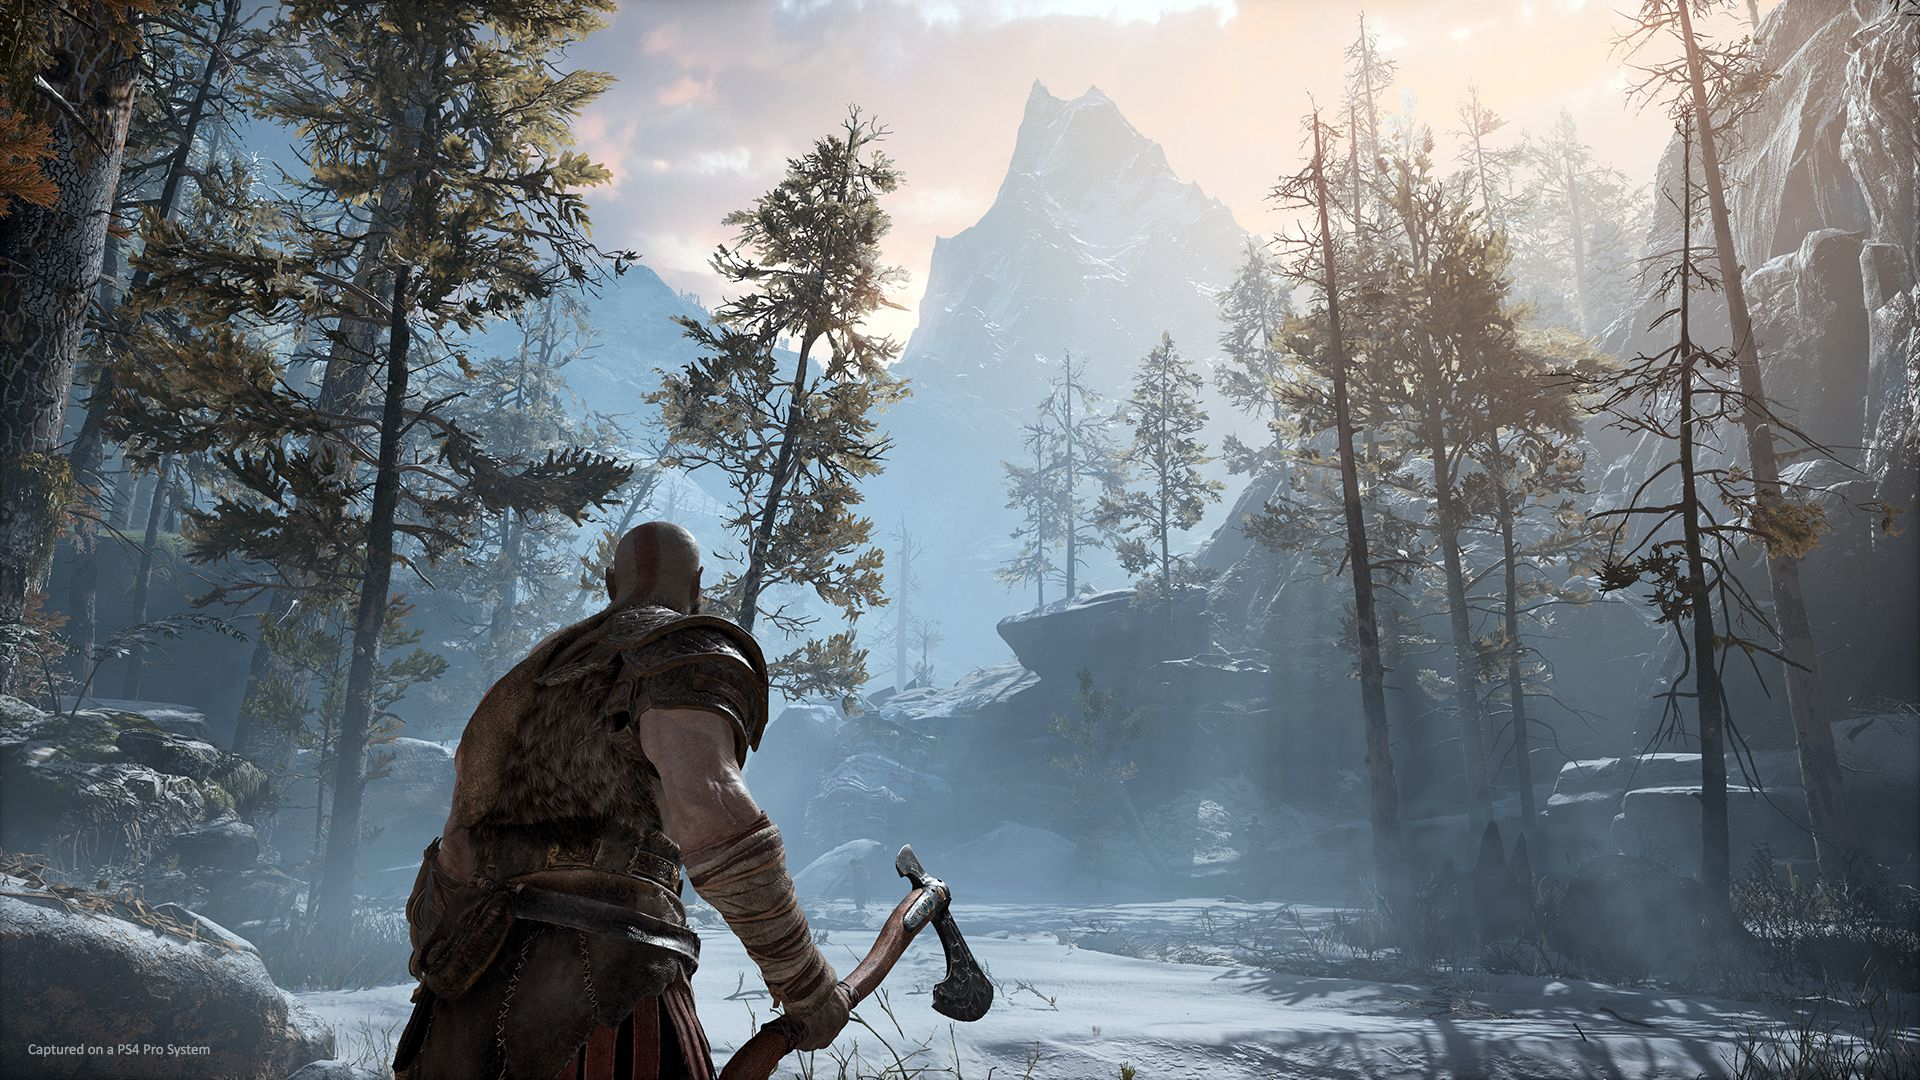 Kratos hache à la main dans une forêt nordique